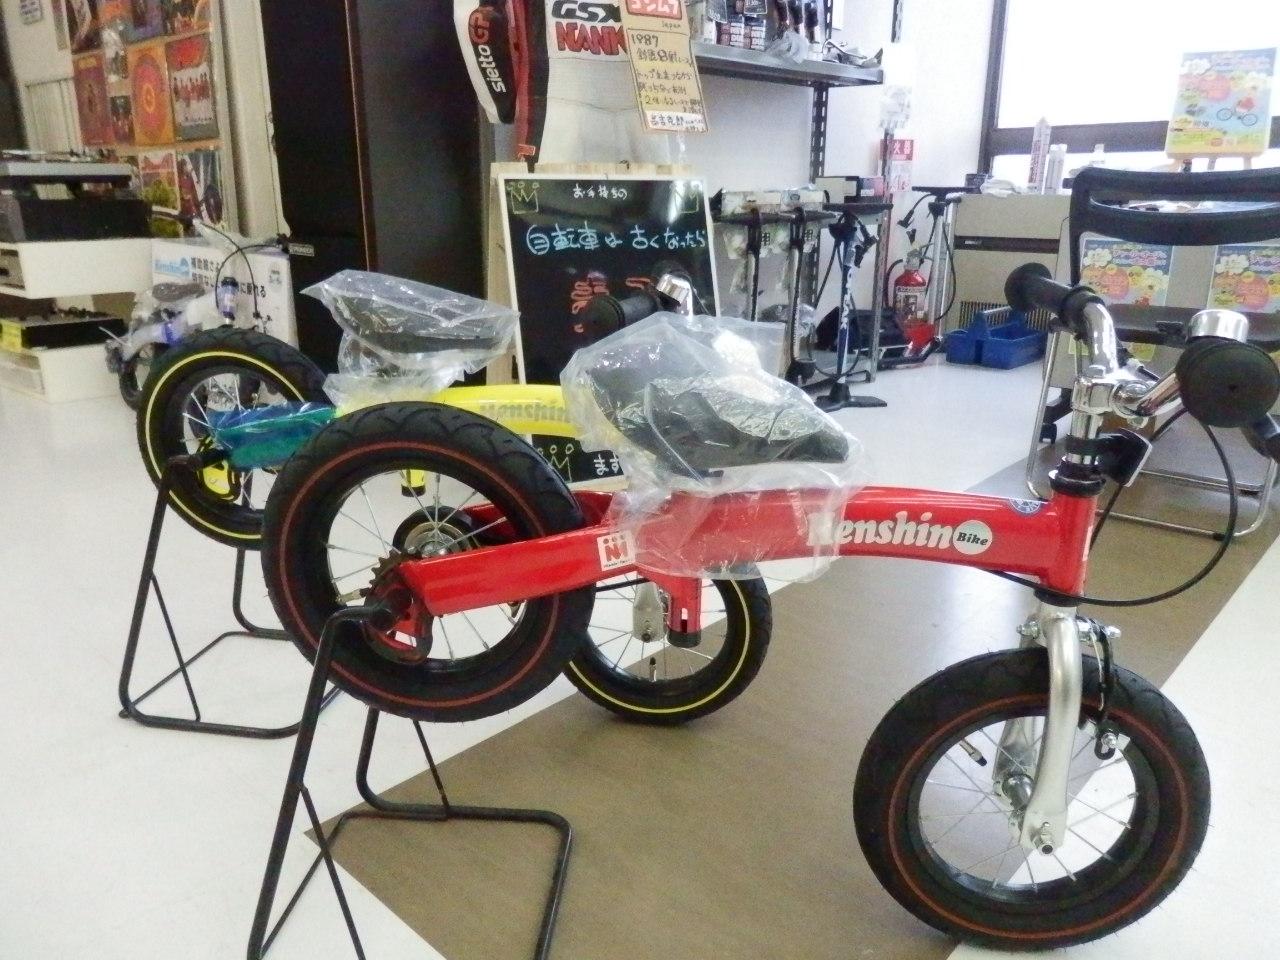 へんしんバイク 土日ジャンボ店で好評販売中!